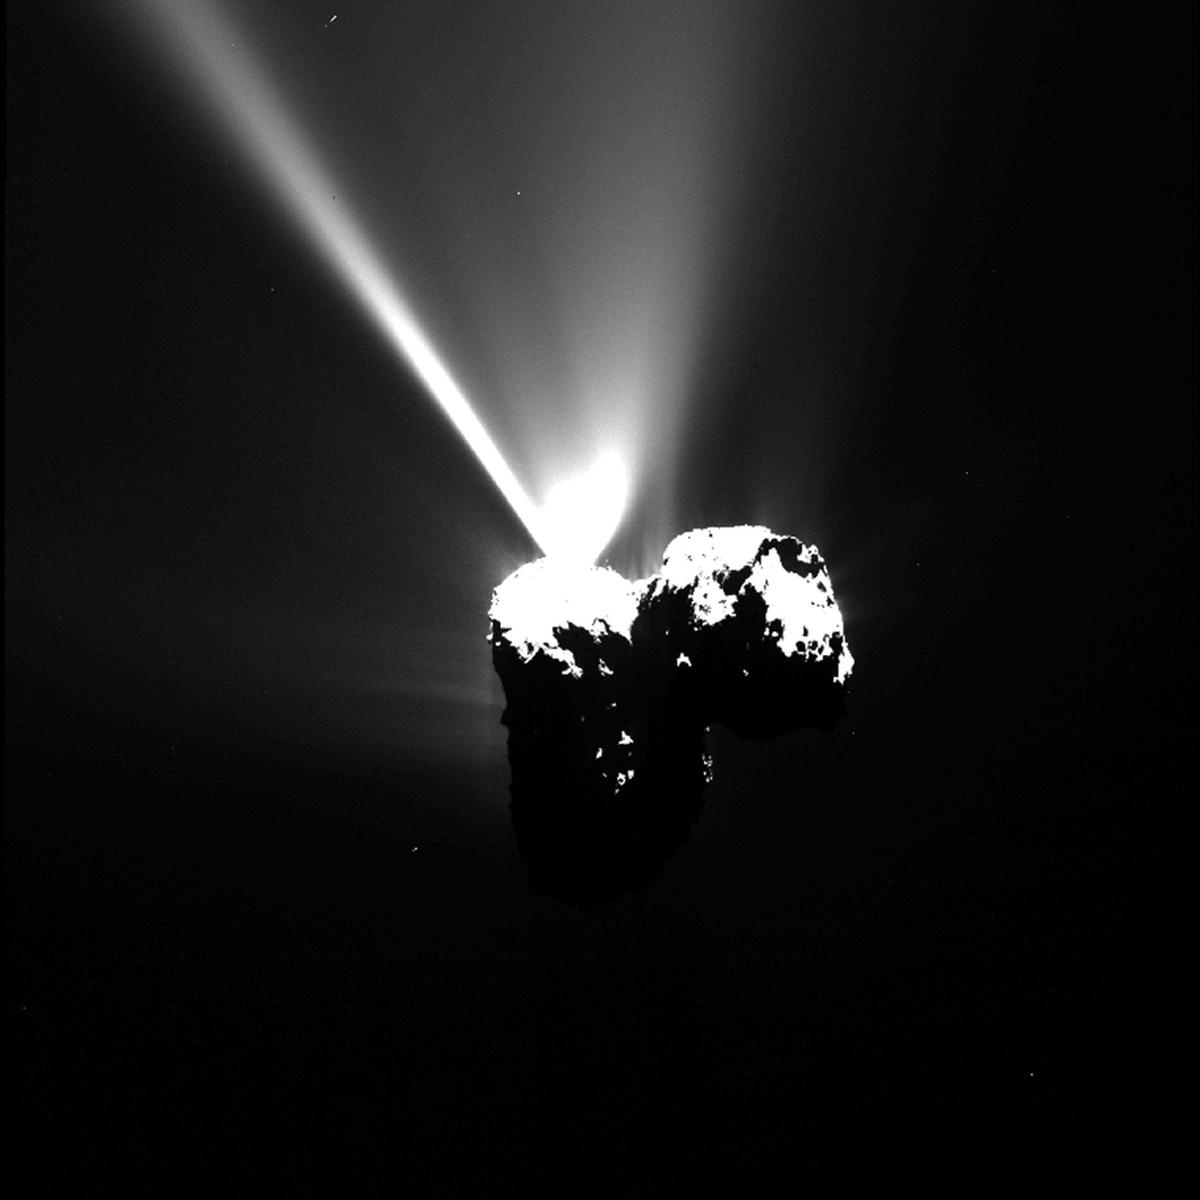 Снимок кометы Чурюмова-Герасименко, сделанный 12 августа 2015 года на расстоянии 330 км. Copyright ESA